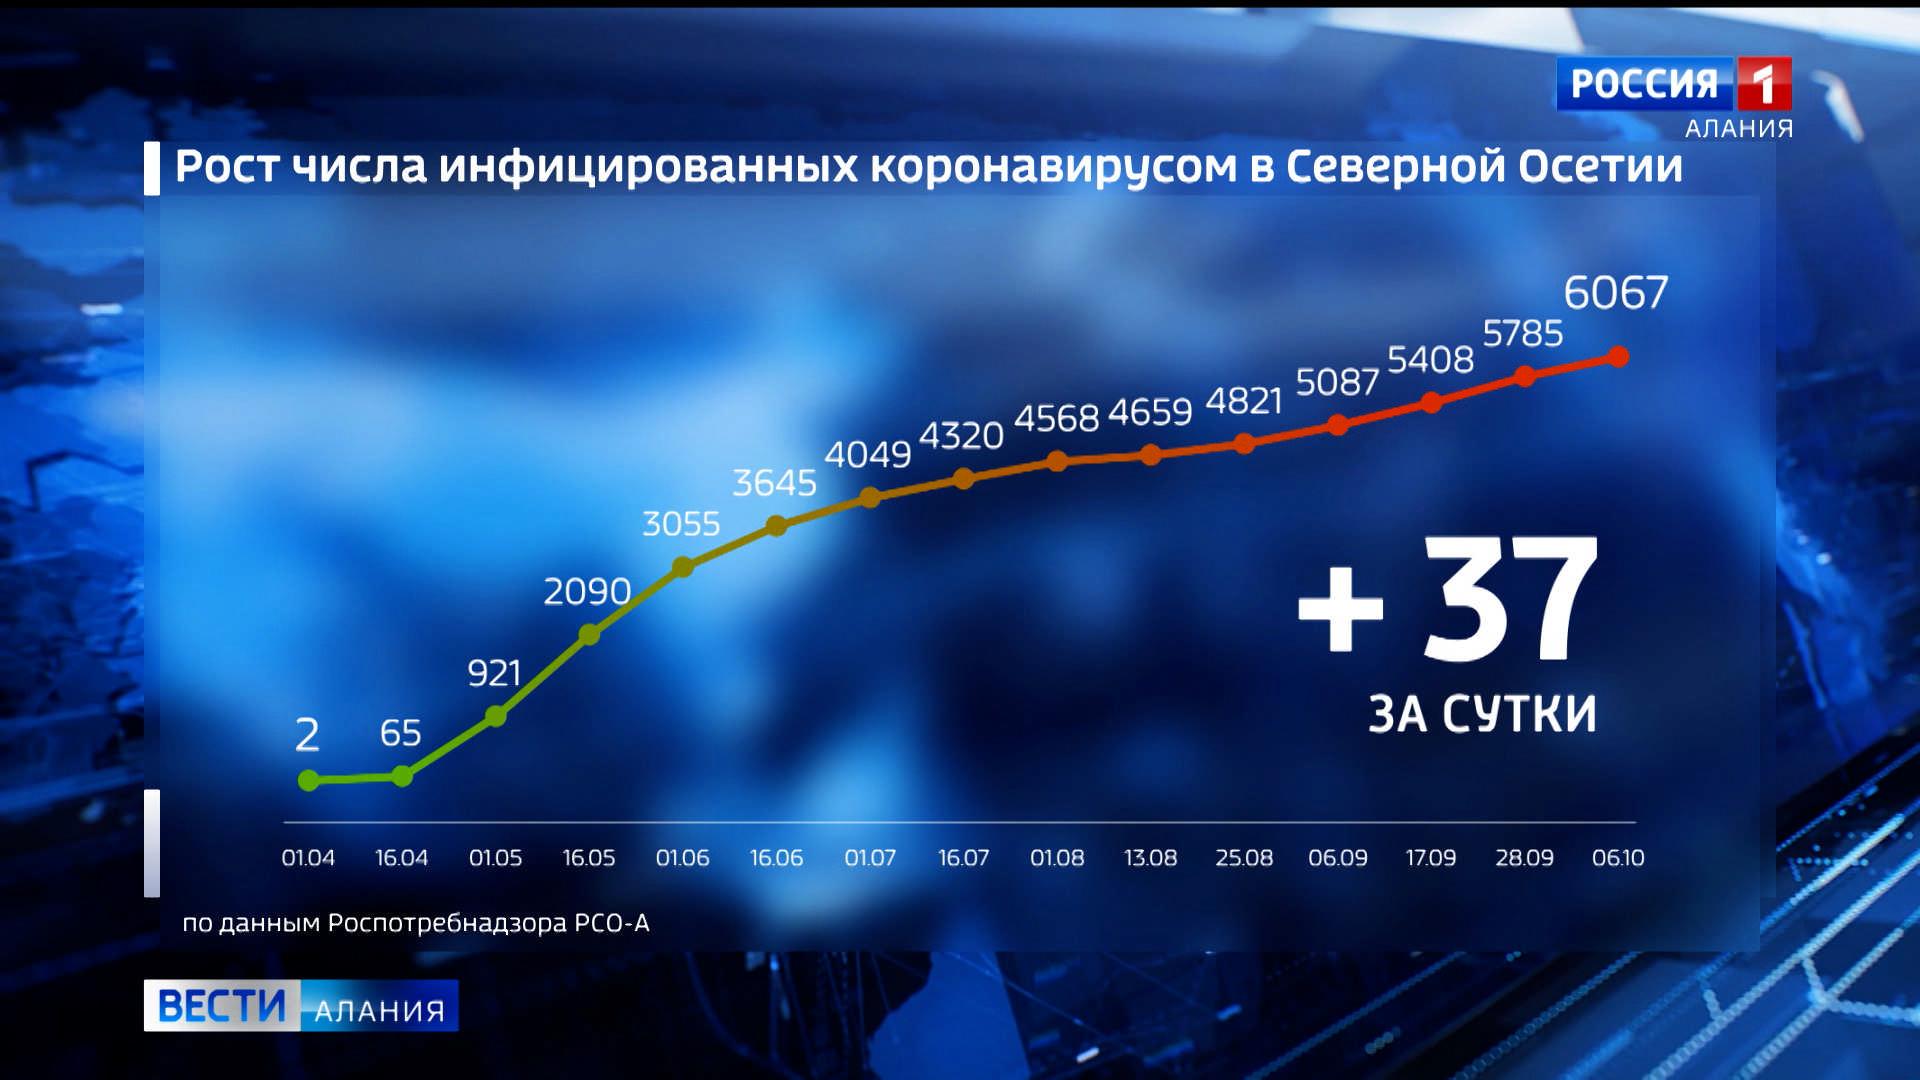 За сутки в Северной Осетии коронавирус подтвержден у 37 жителей